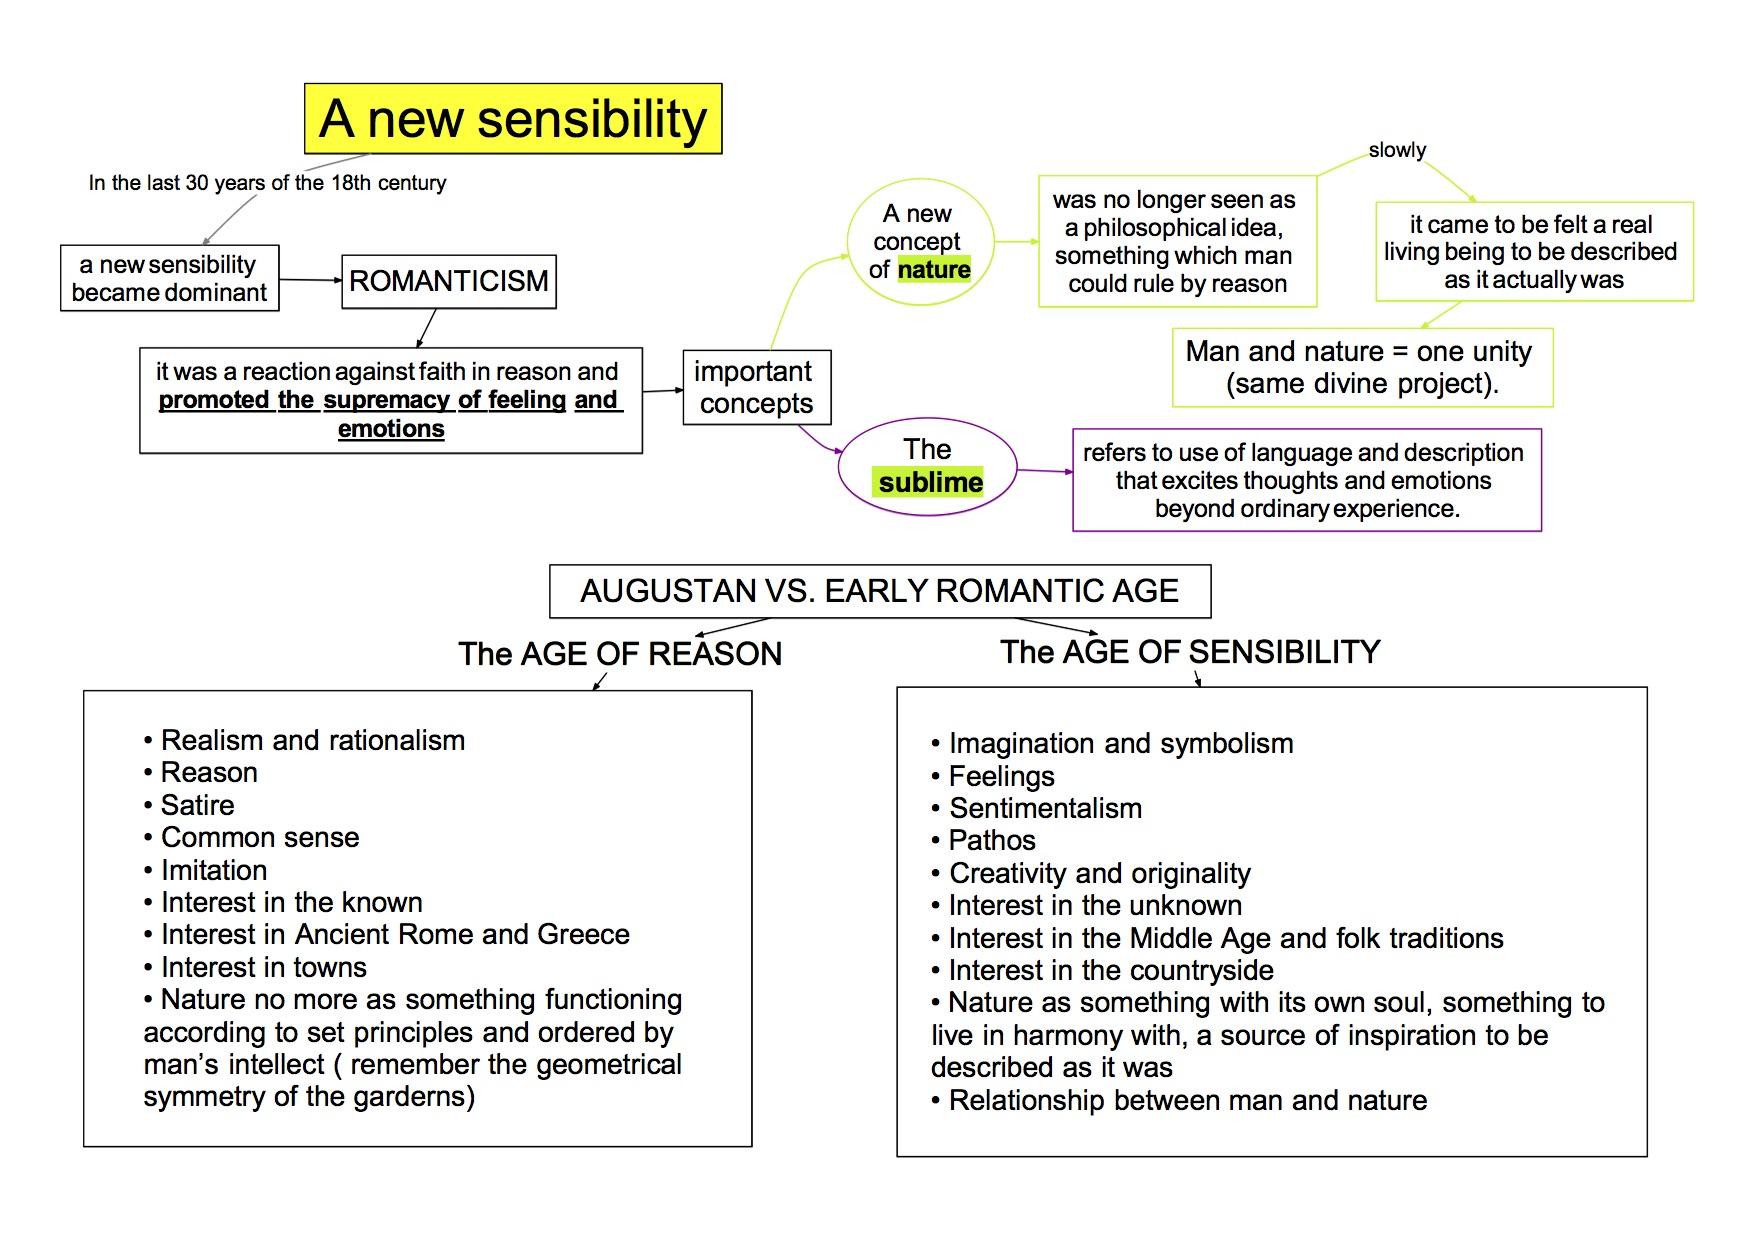 mappa concettuale visual map Romantic Age  A new sensibility